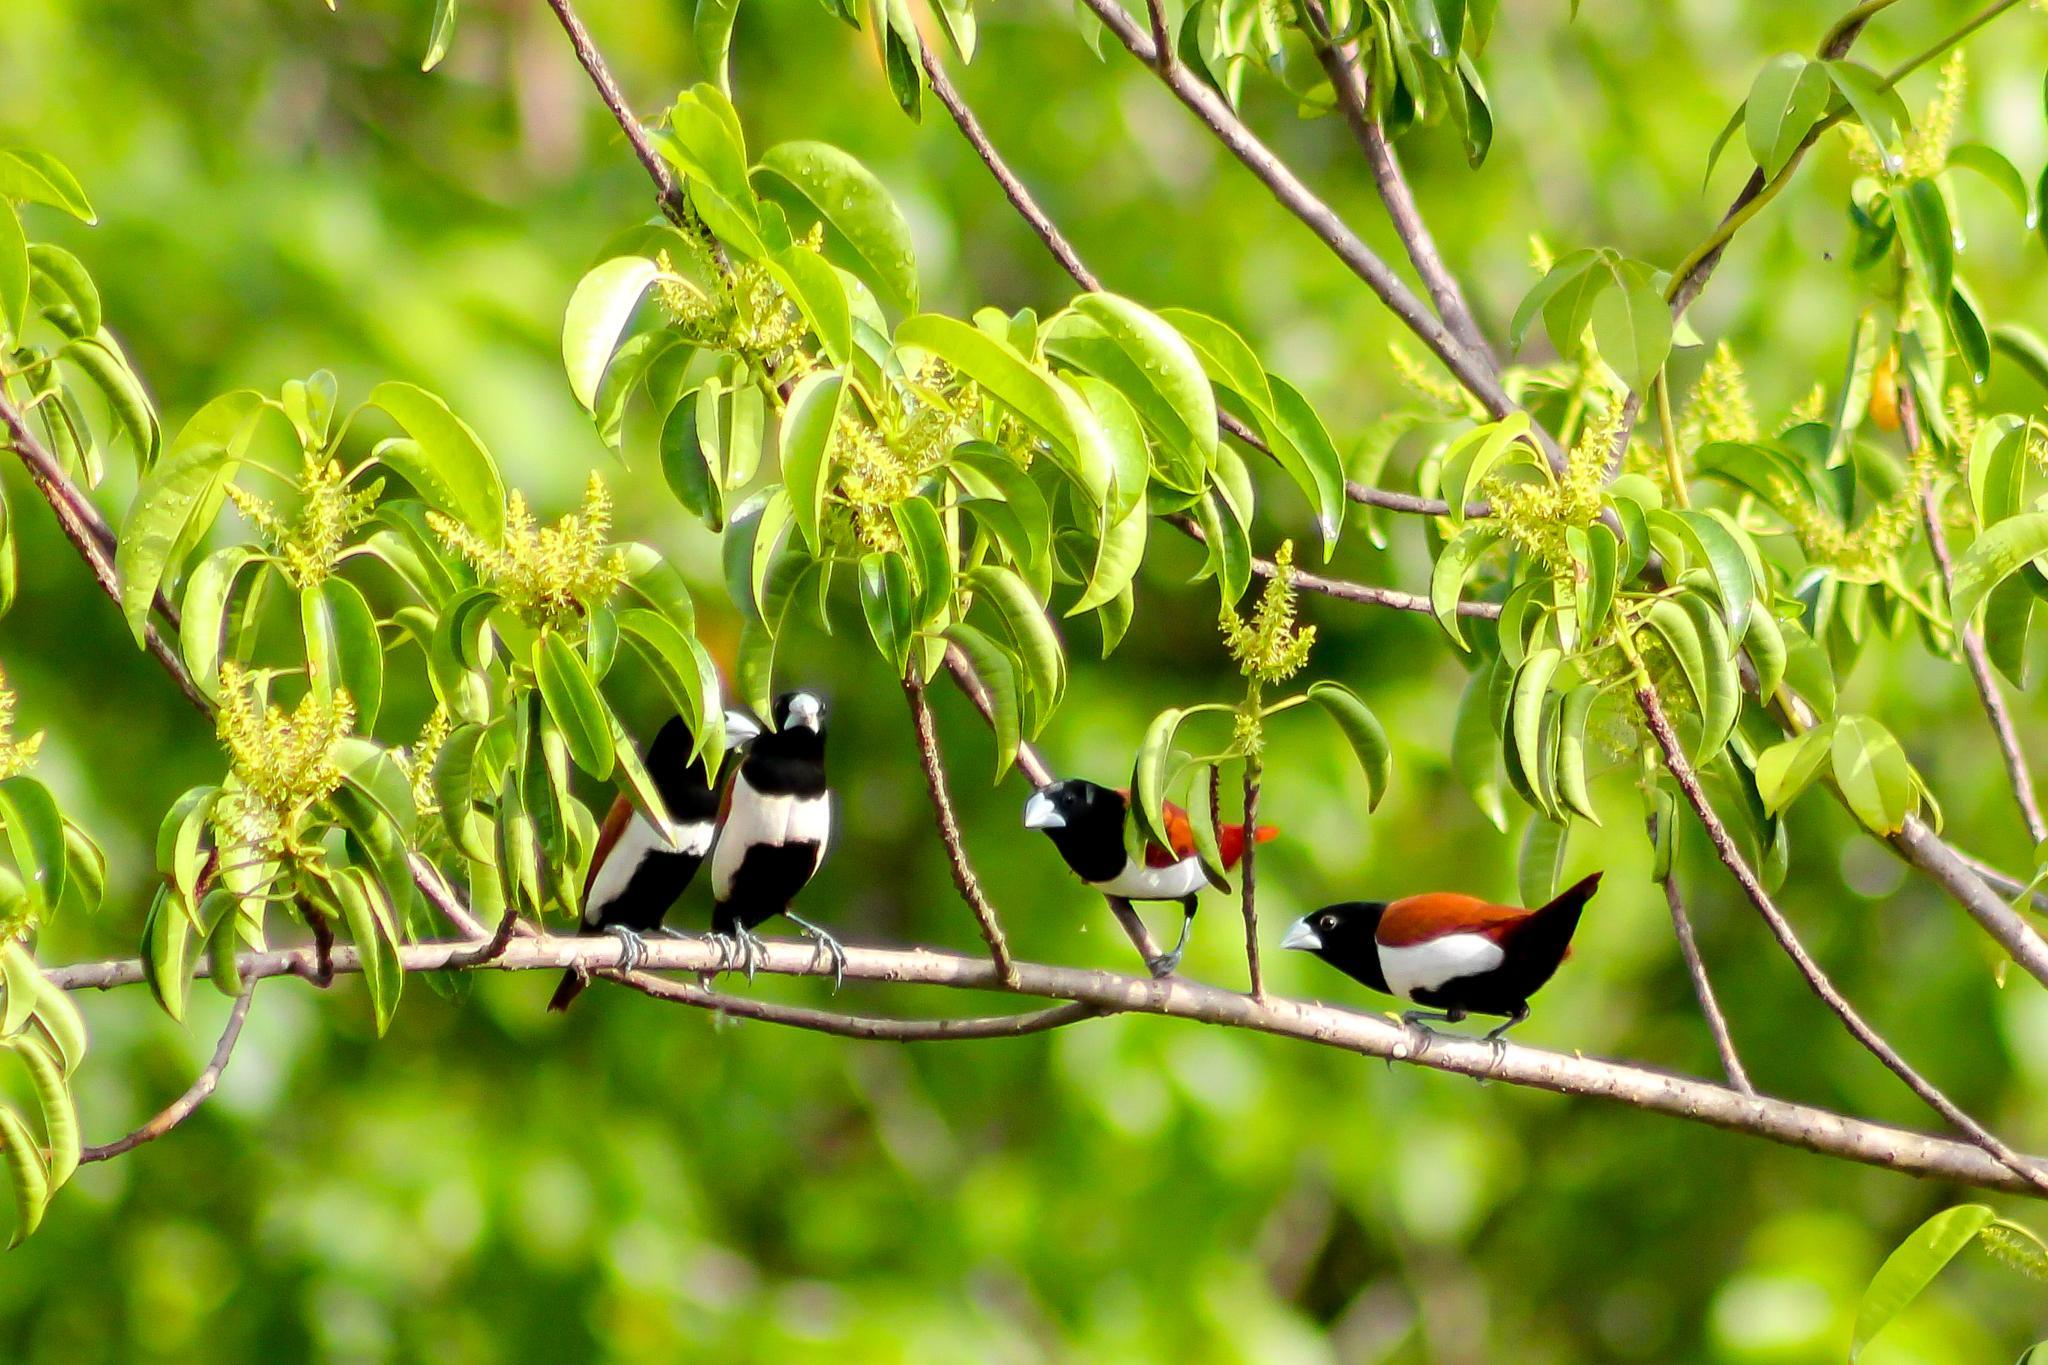 Photo in Animal #tri-coloured munia #munia #bird #birds #birdlife #wildlife #birding #birder #birdwatching #birdspotting #nature #colours #green #colourful #beautiful #tri-coloured #wildlife photography #photography #bird photography #wild #island #vanxim #divar #goa #india #village #birdspotter #spotting